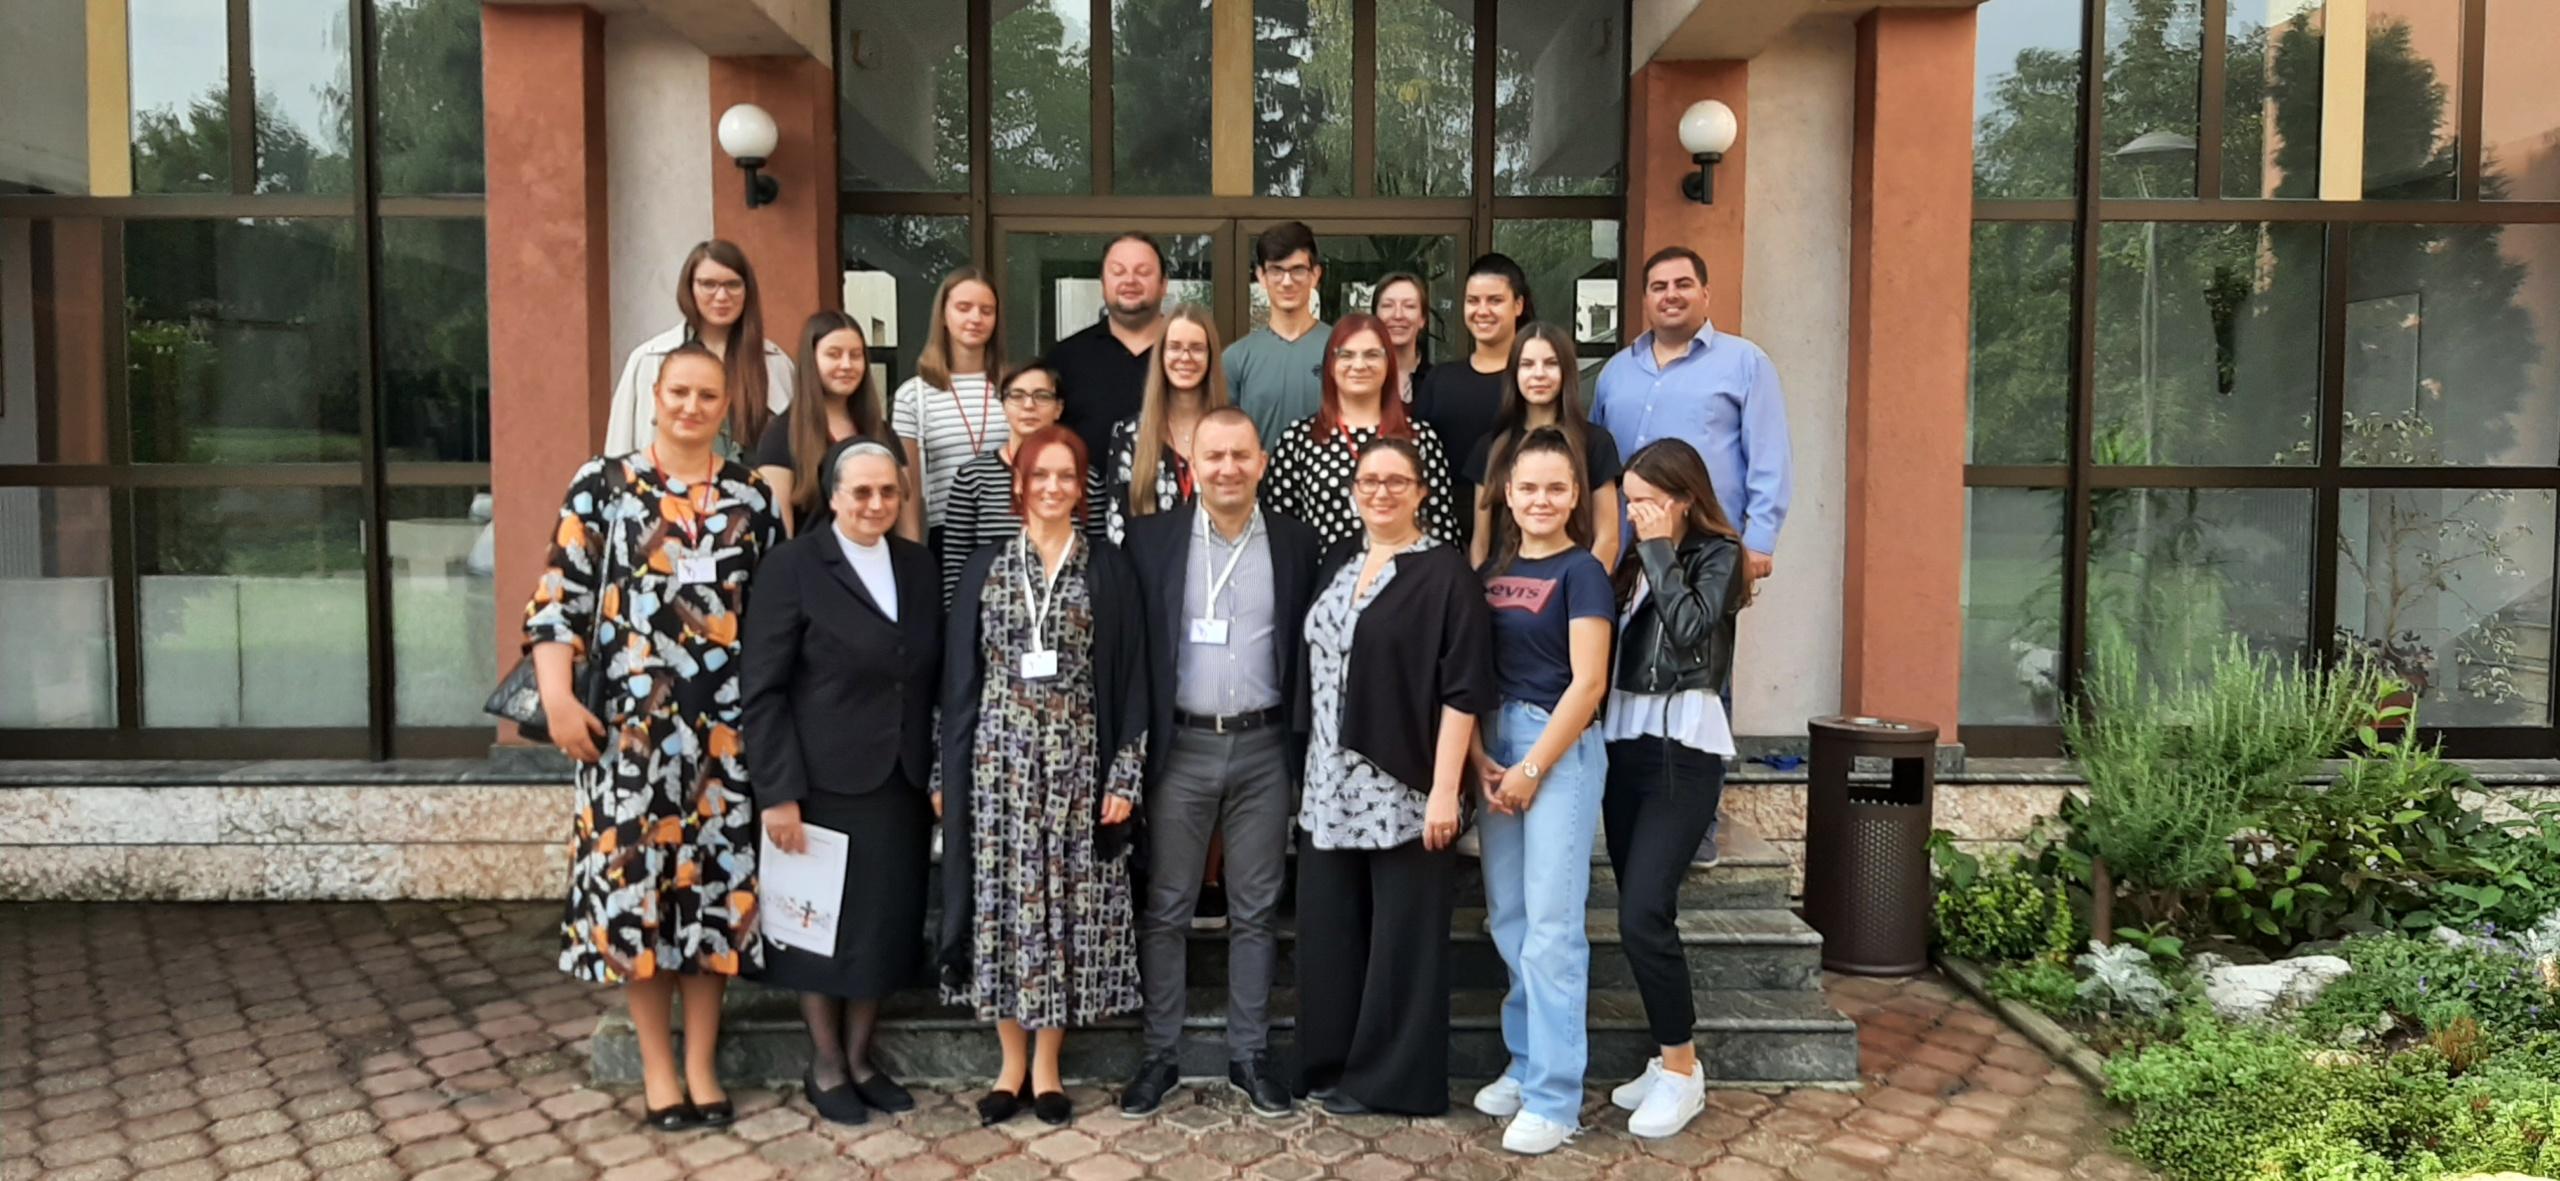 Održan II. Međunarodni seminar crkvenih glazbenika  na Franjevačkoj teologiji u Sarajevu